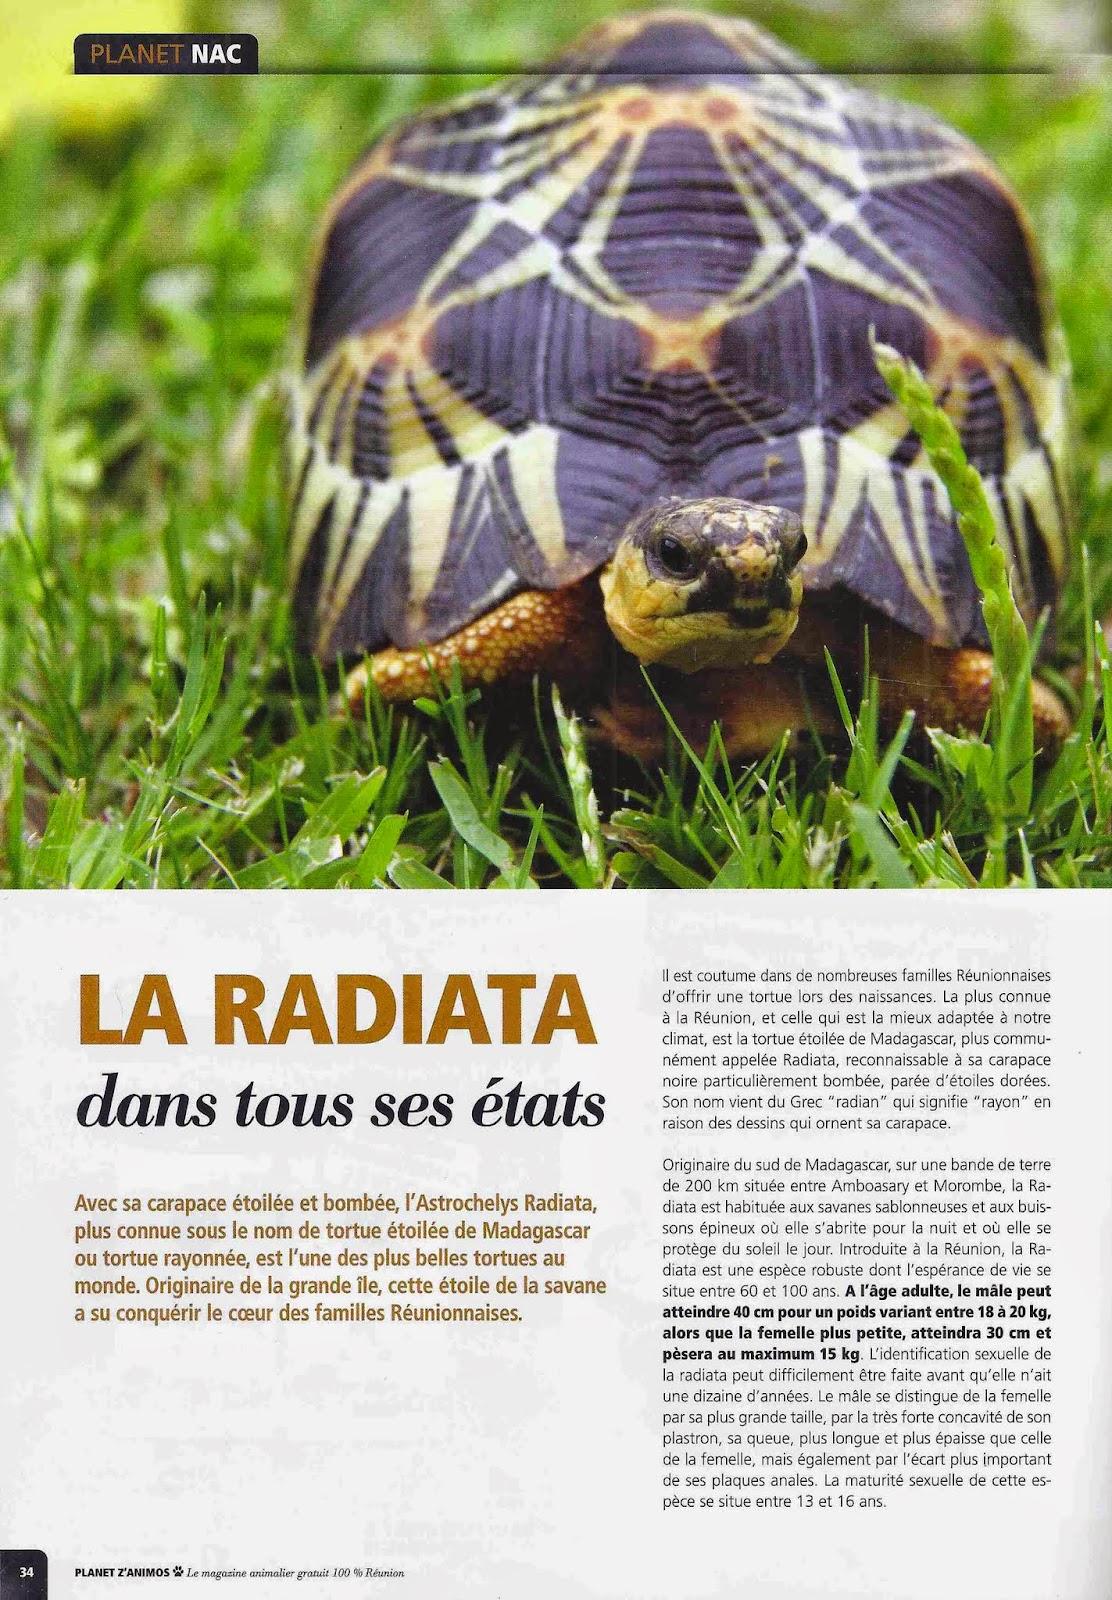 Le ons de choses la tortue radiata for Animaux jardin des plantes